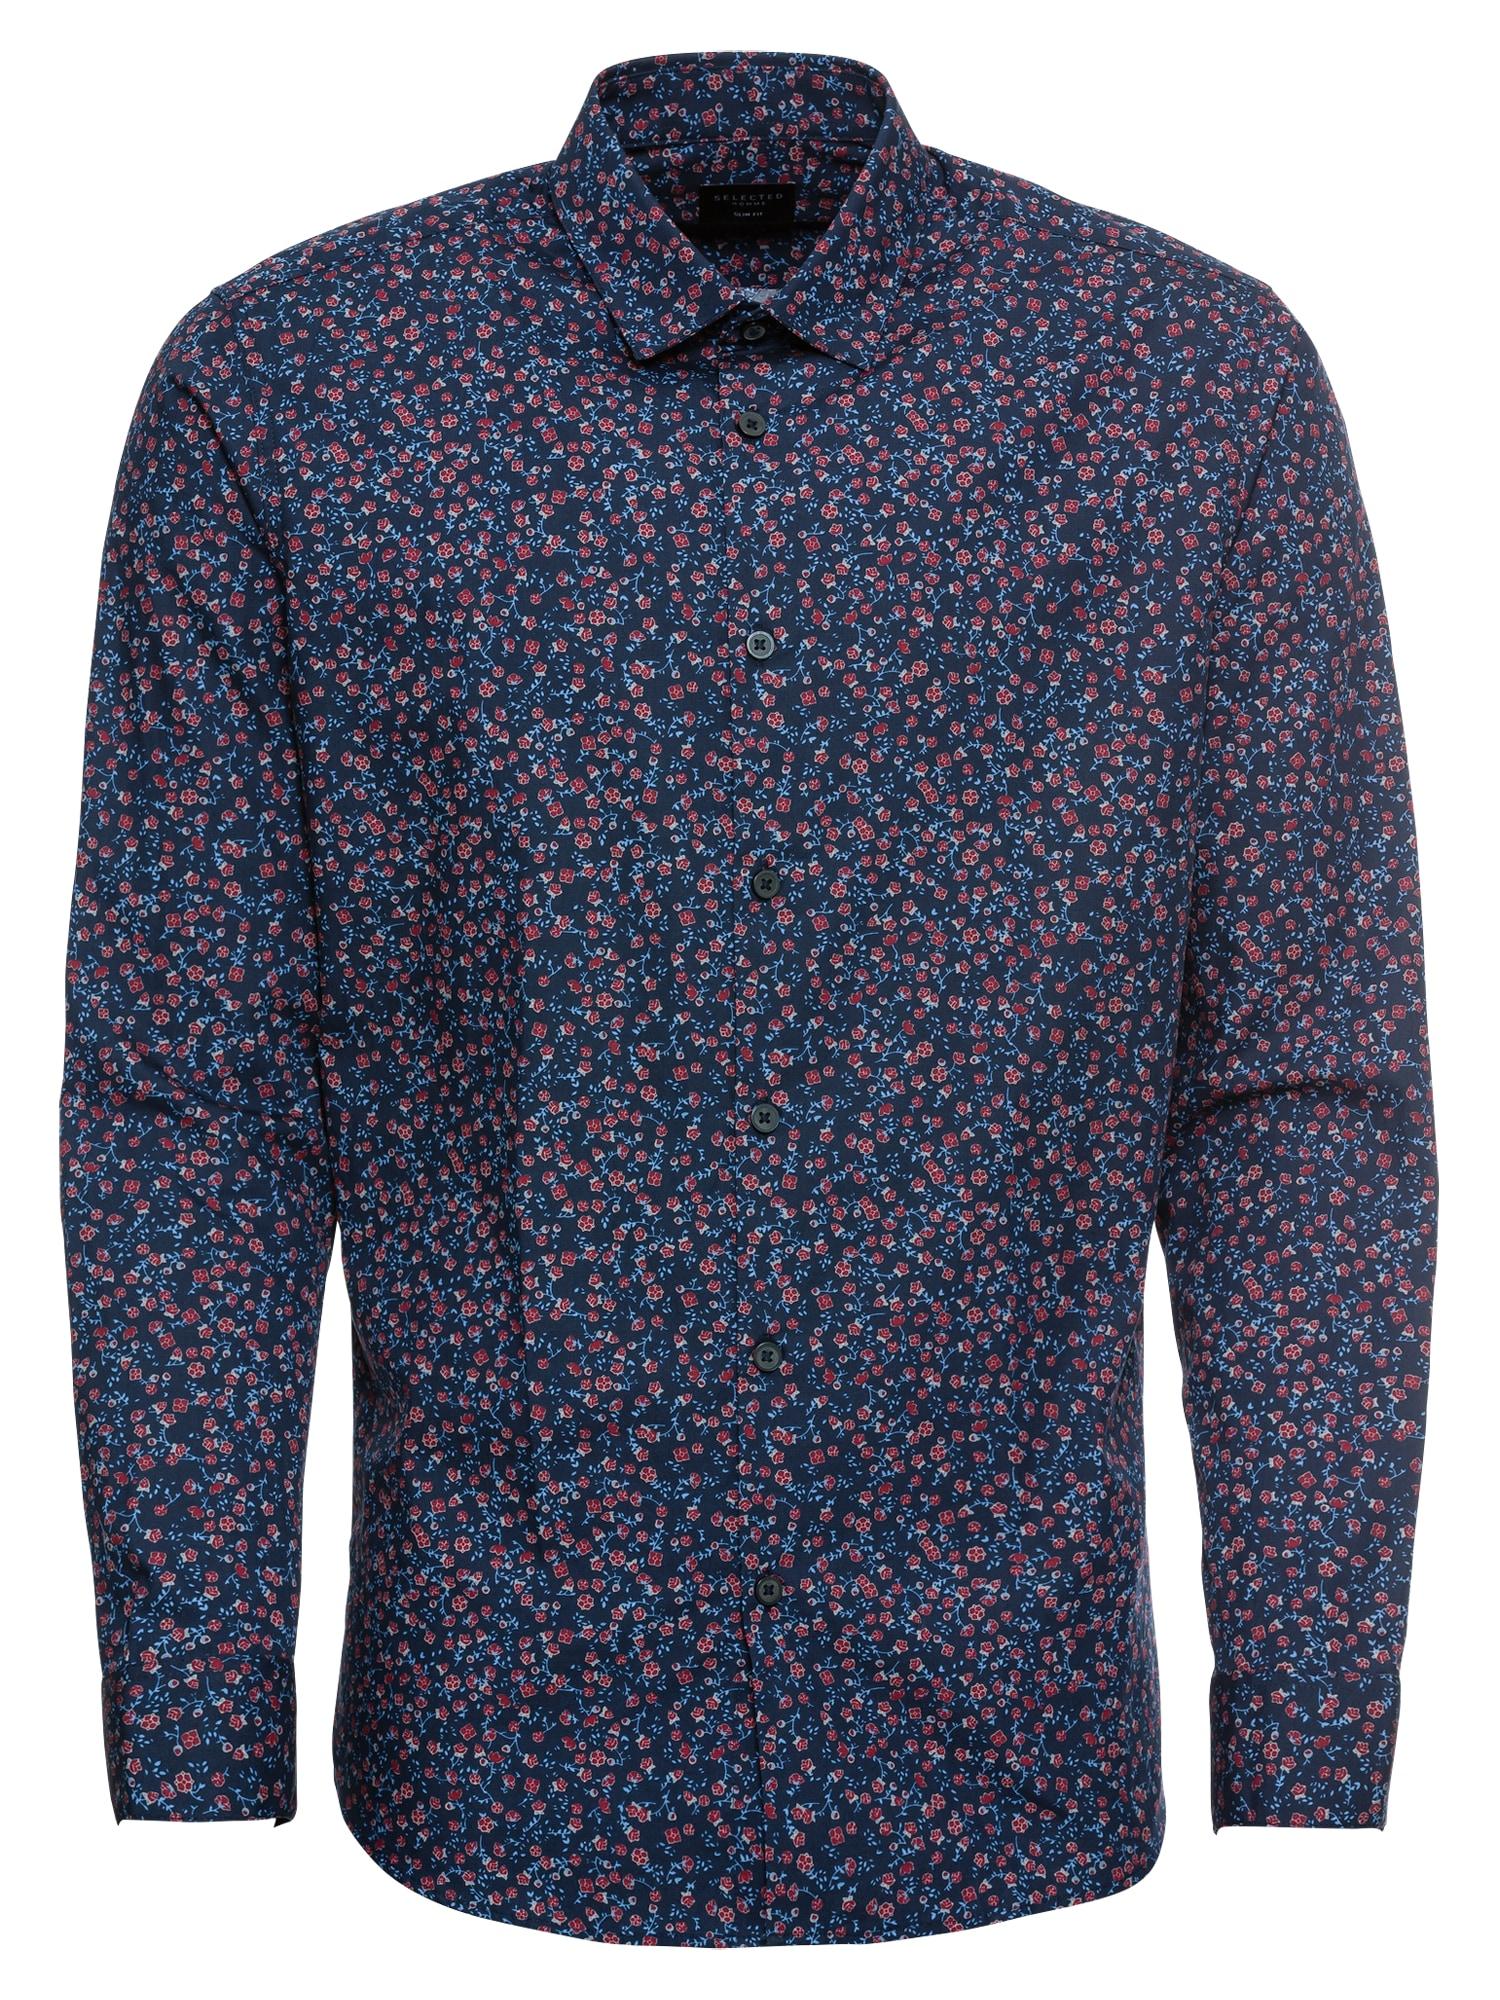 Košile SLIMRUNE námořnická modř humrová SELECTED HOMME